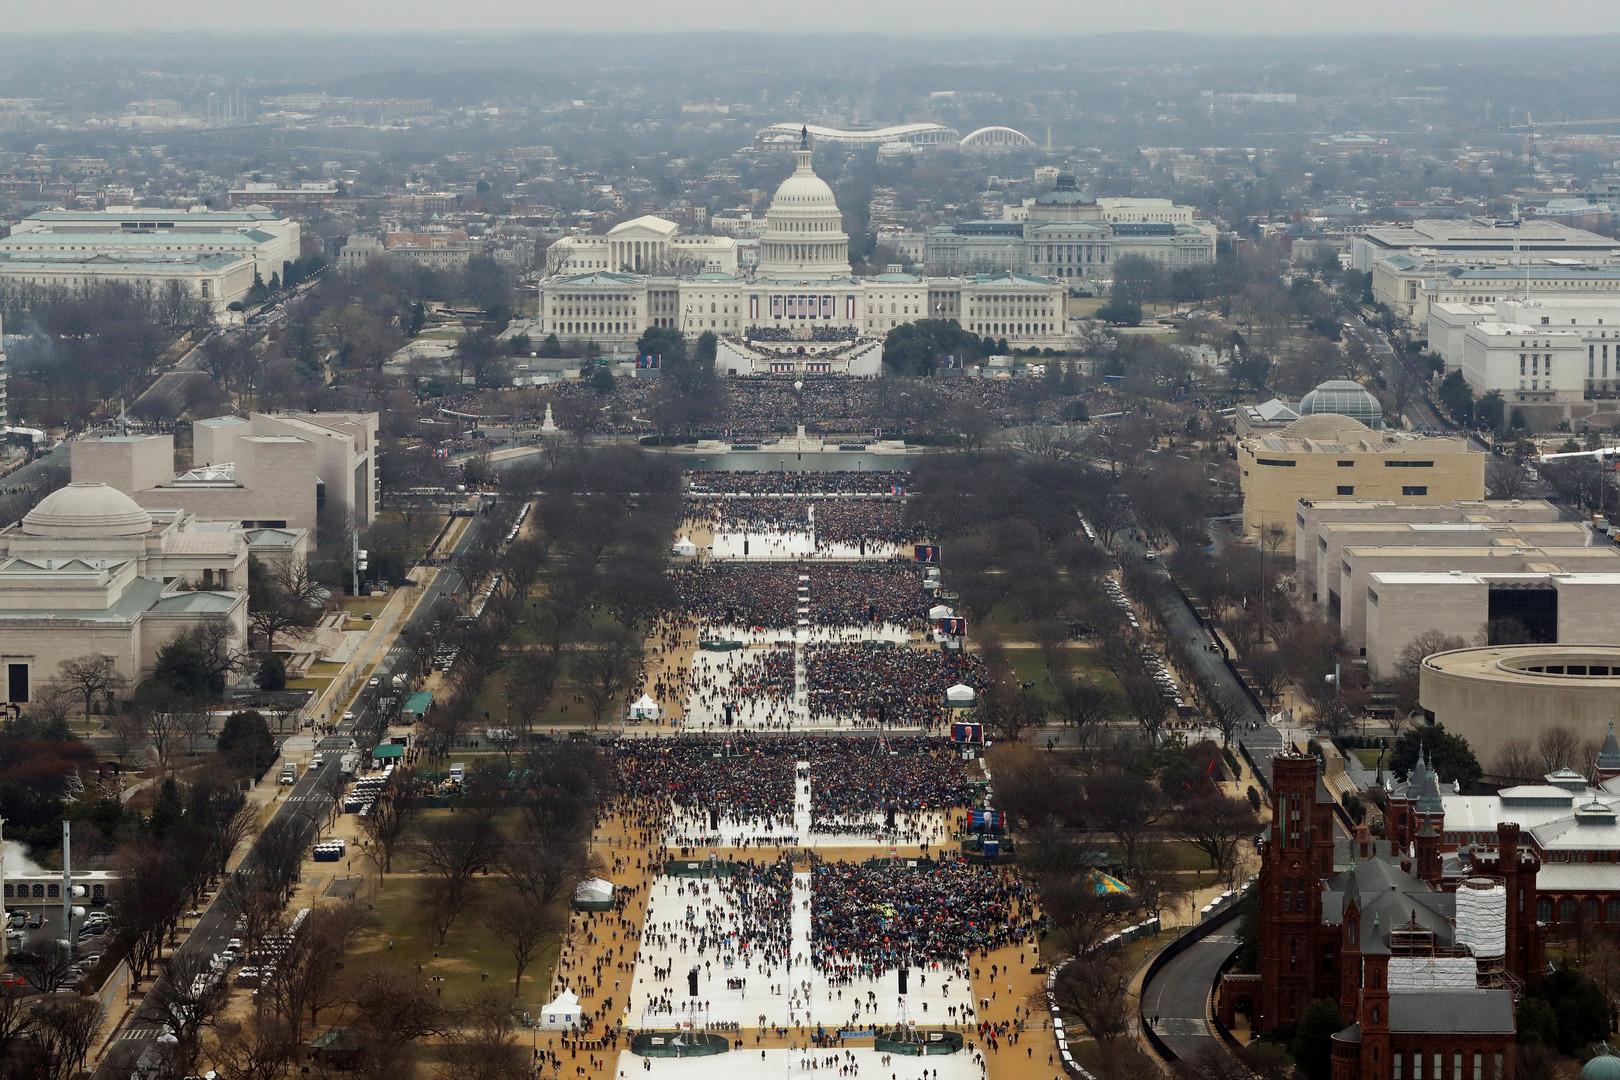 Pourquoi le camp Fillon insiste-t-il sur le chiffre de 200 000 manifestants ?